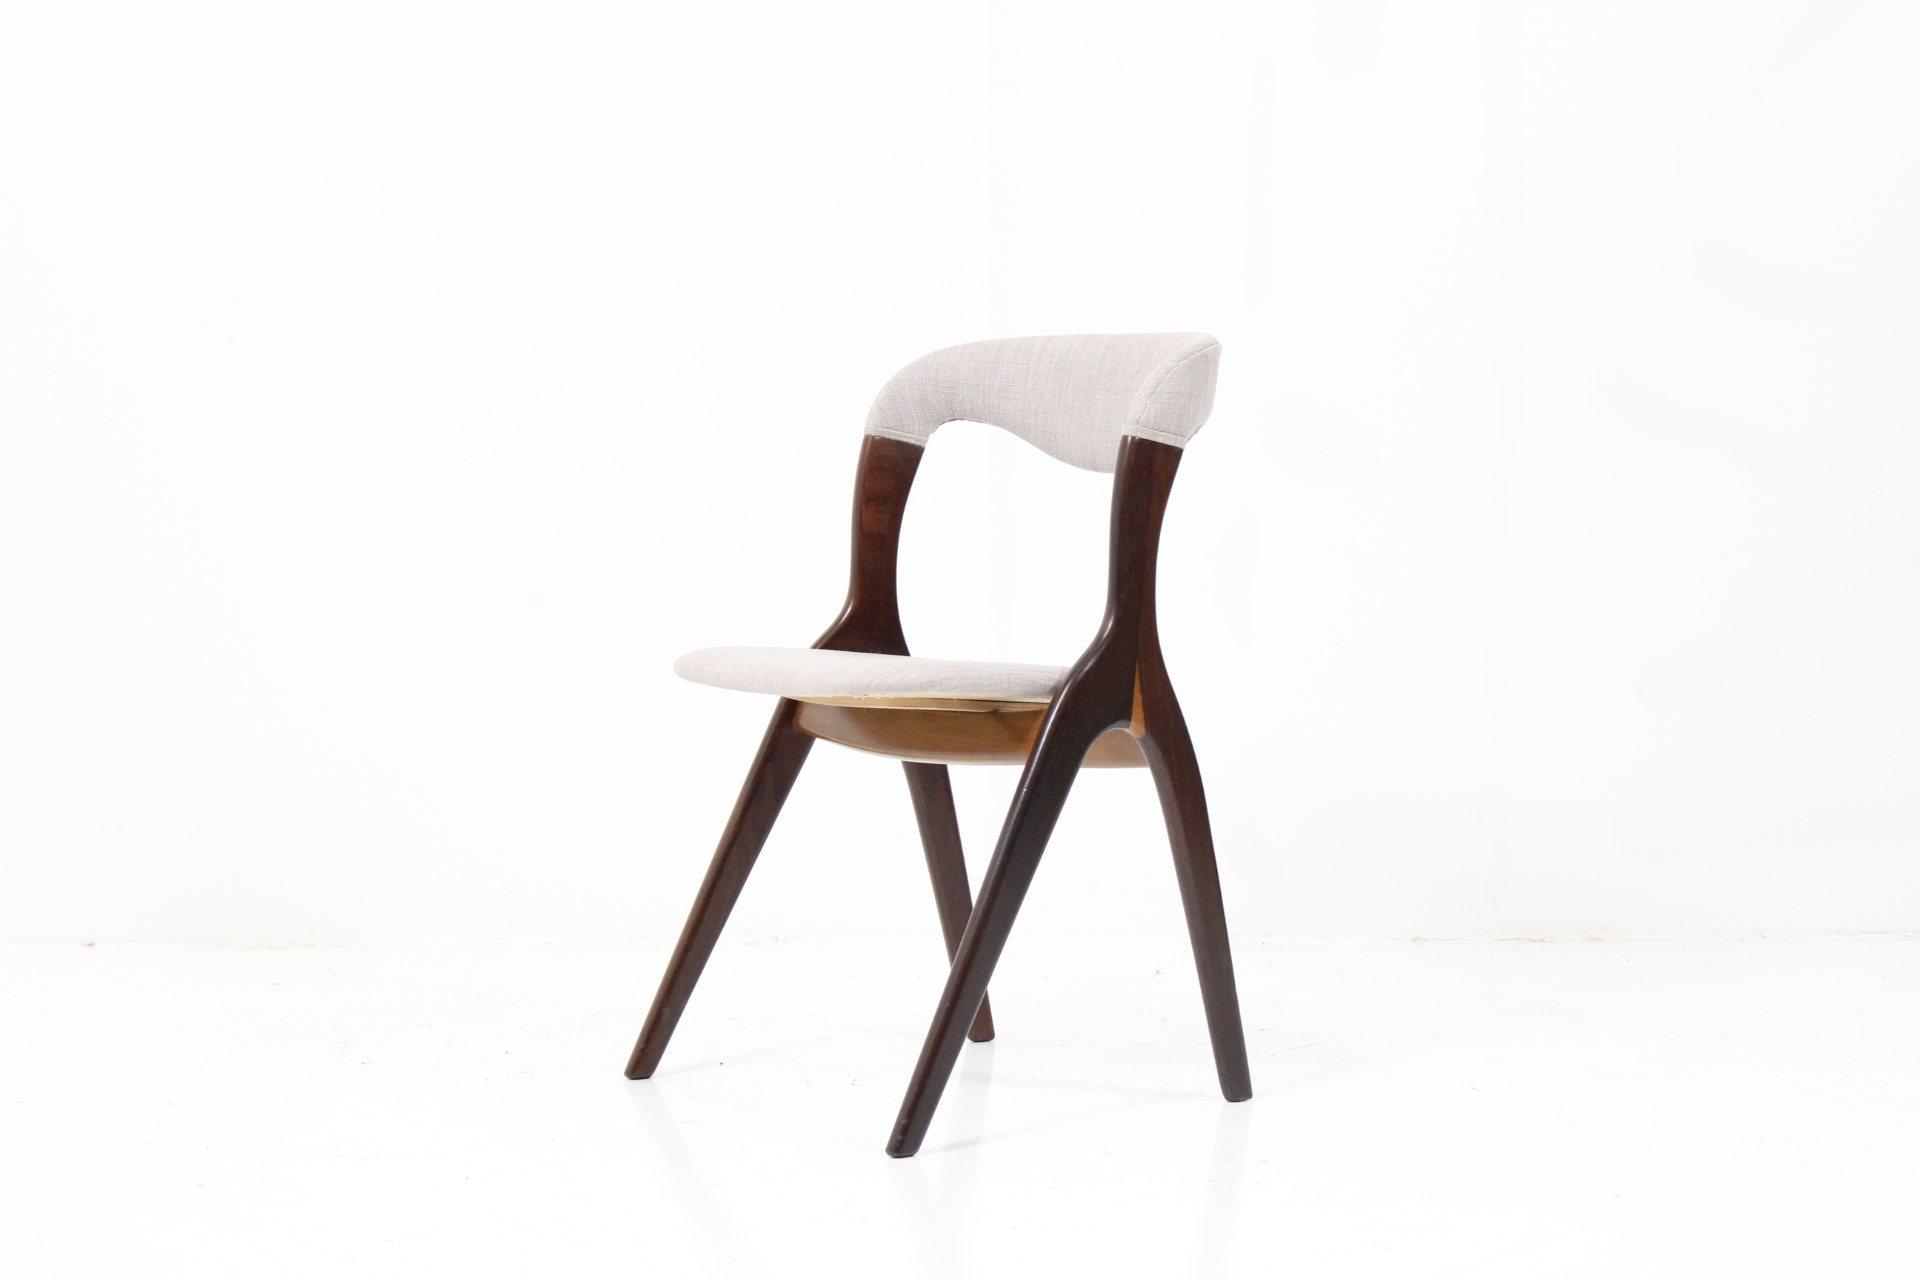 Organic Shaped Easy Chair by Kai Kristiansen